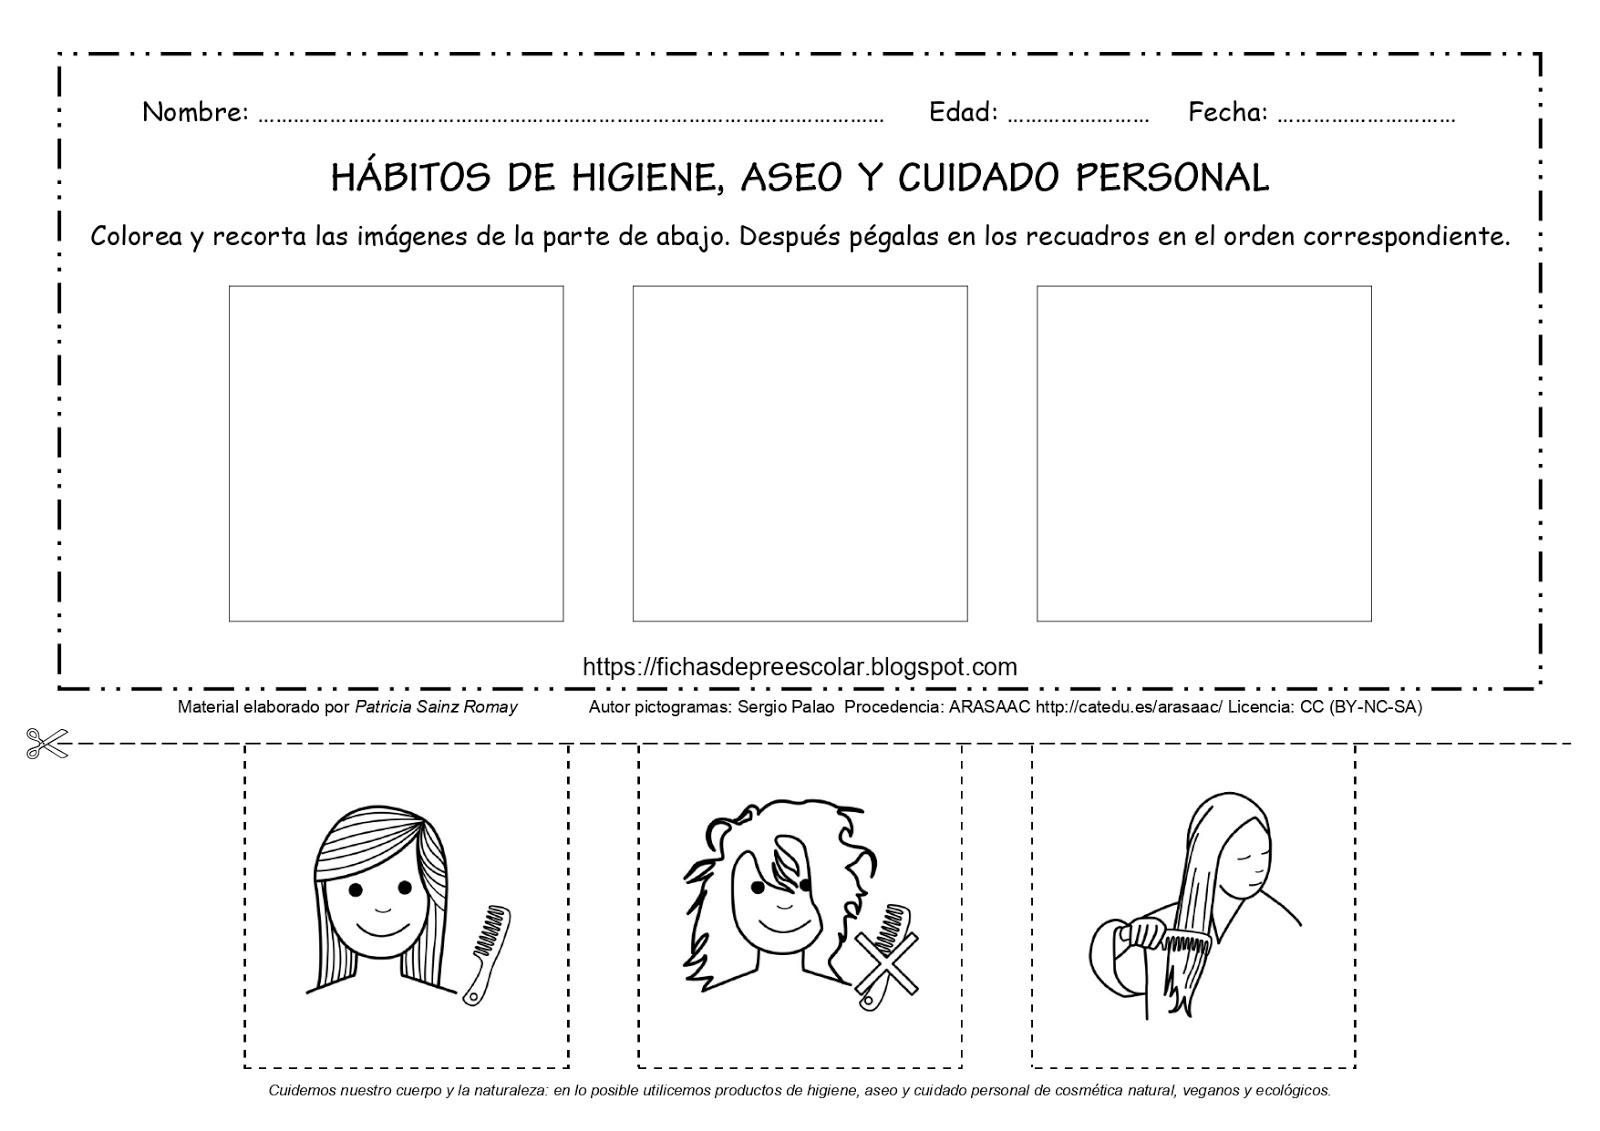 Fichas De Educación Preescolar Hábitos De Higiene Aseo Y